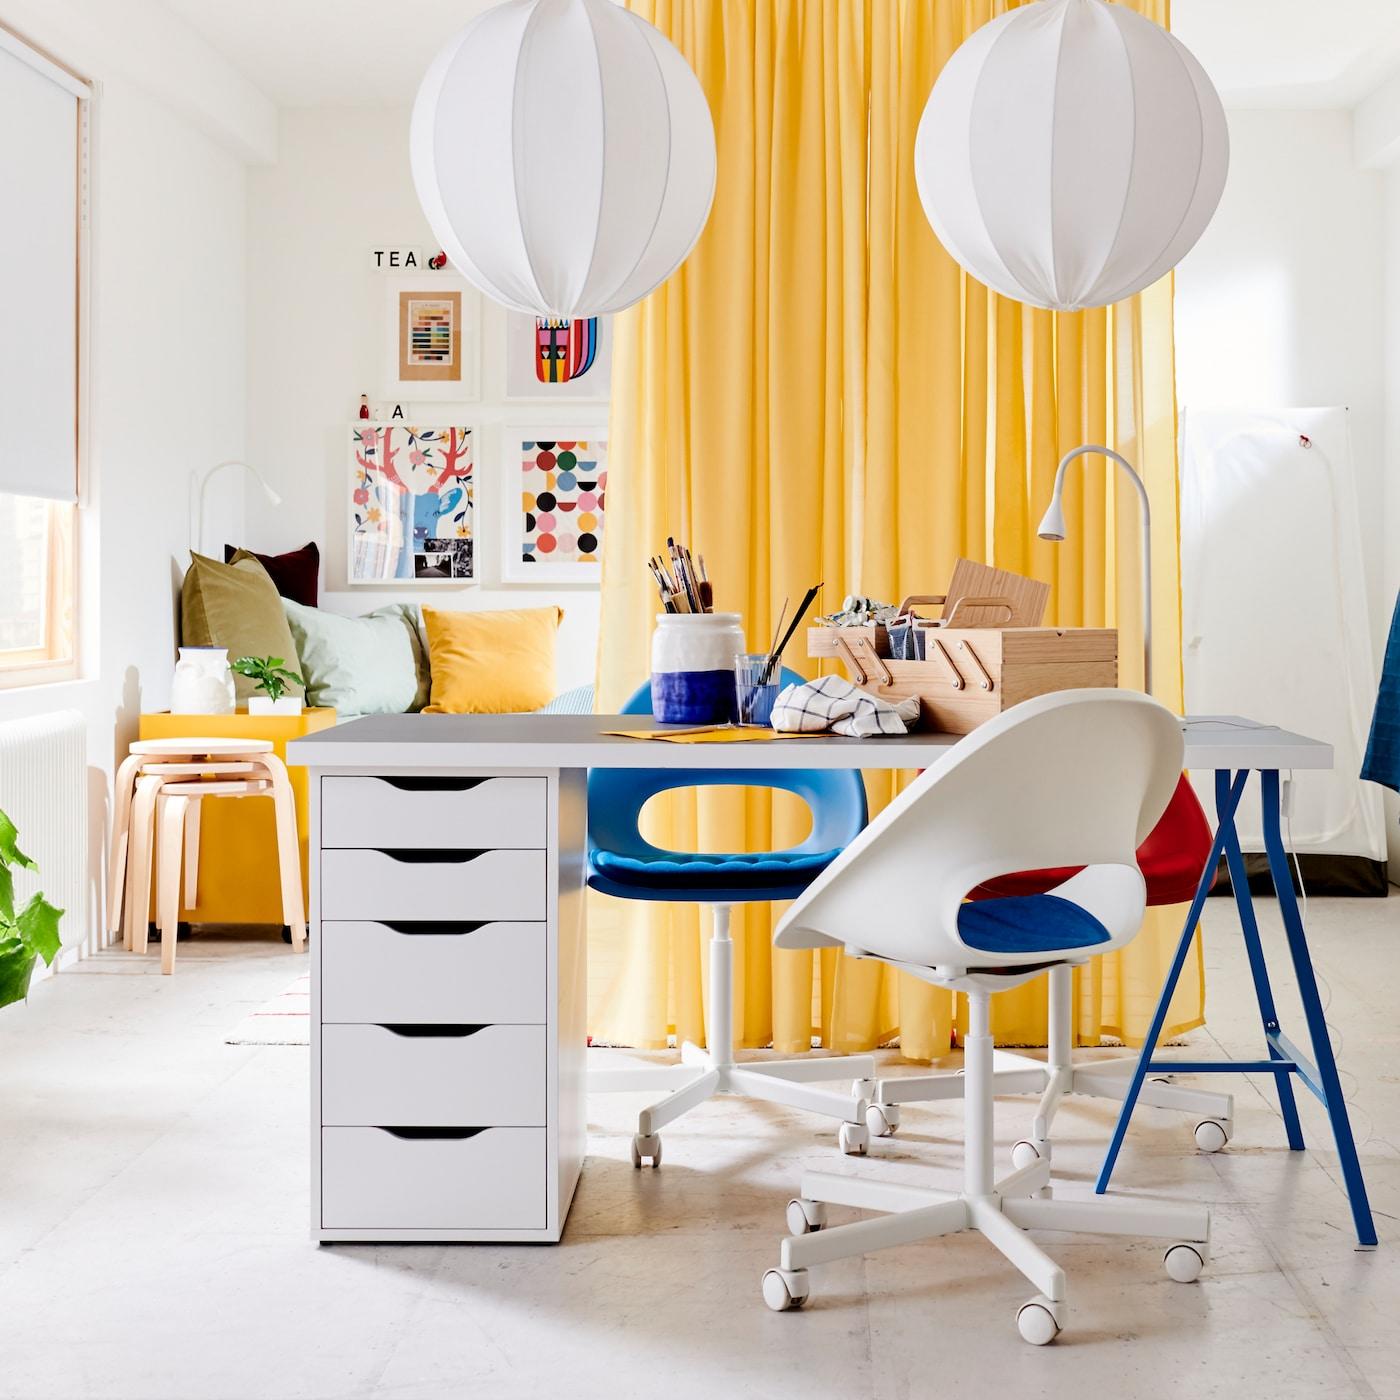 Hellgrau/weißer LINNMON / ALEX Tisch mit blauen Beinen und Schubladenelement, in der Nähe Bürostühle und ein gelber Raumteiler aus Gardinen.